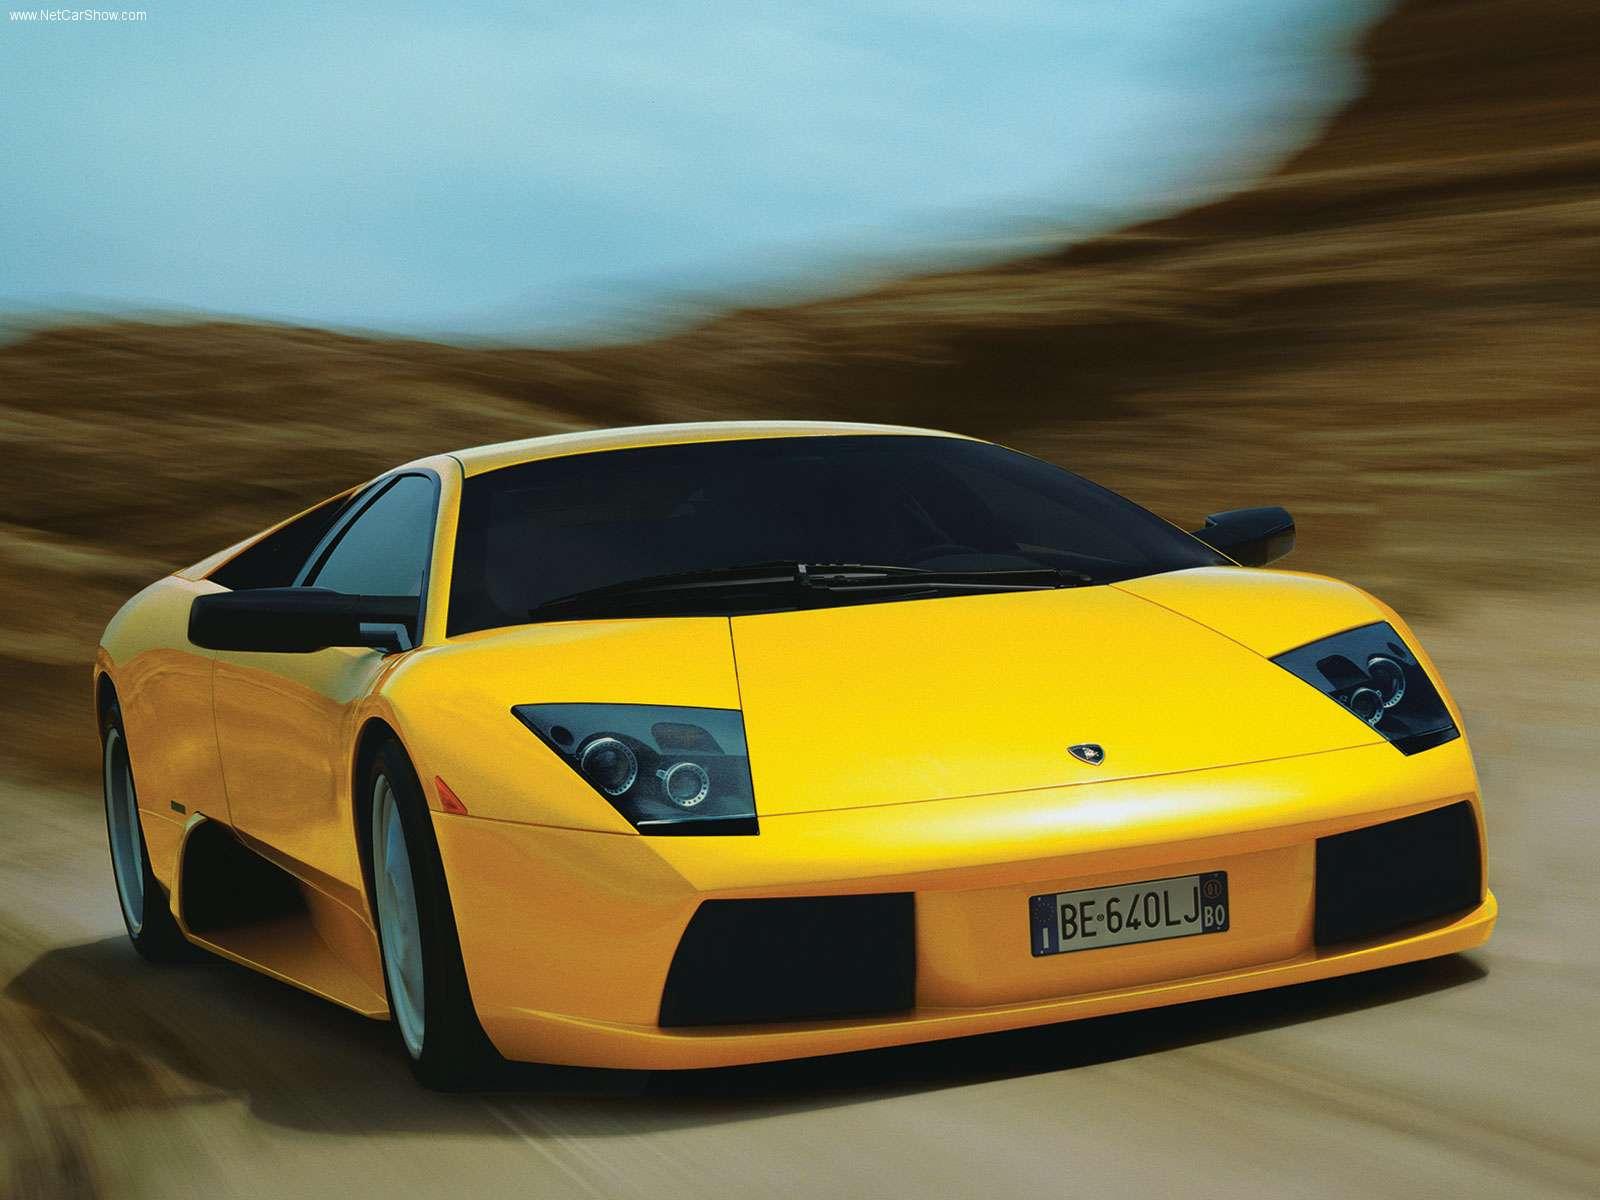 Lamborghini Gallardo Car Racing Games